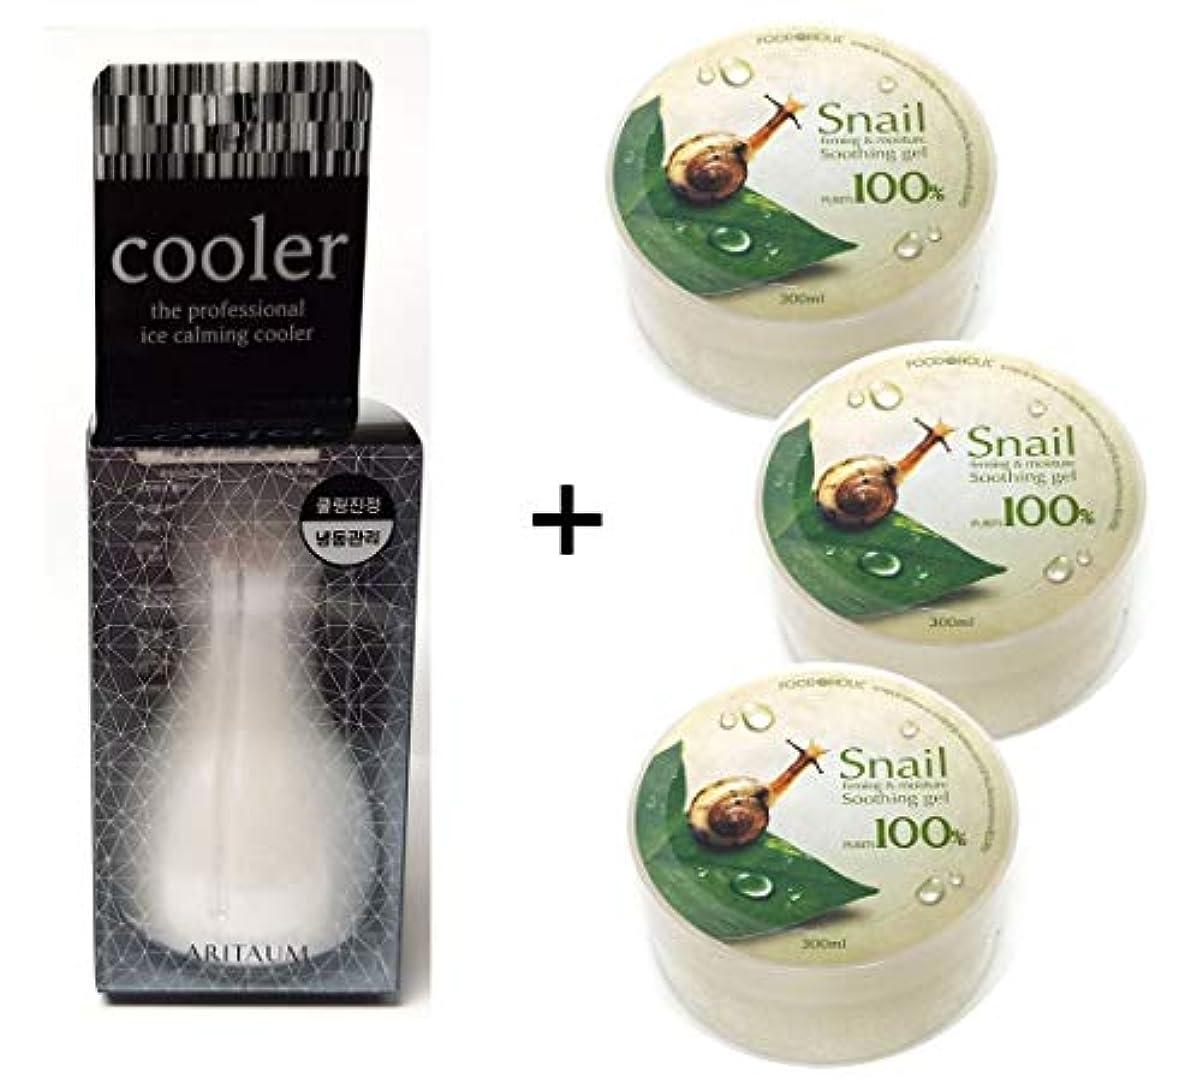 空虚押し下げる[Aritaum]アイスカミングクーラー1EA + カタツムリスージングジェル3EA / Ice Calming Cooler 1EA + Snail Soothing gel 3EA / フェイスボディクール冷凍/スキンマッサージ/For Face Body Cool Frozen/skin massage [並行輸入品]